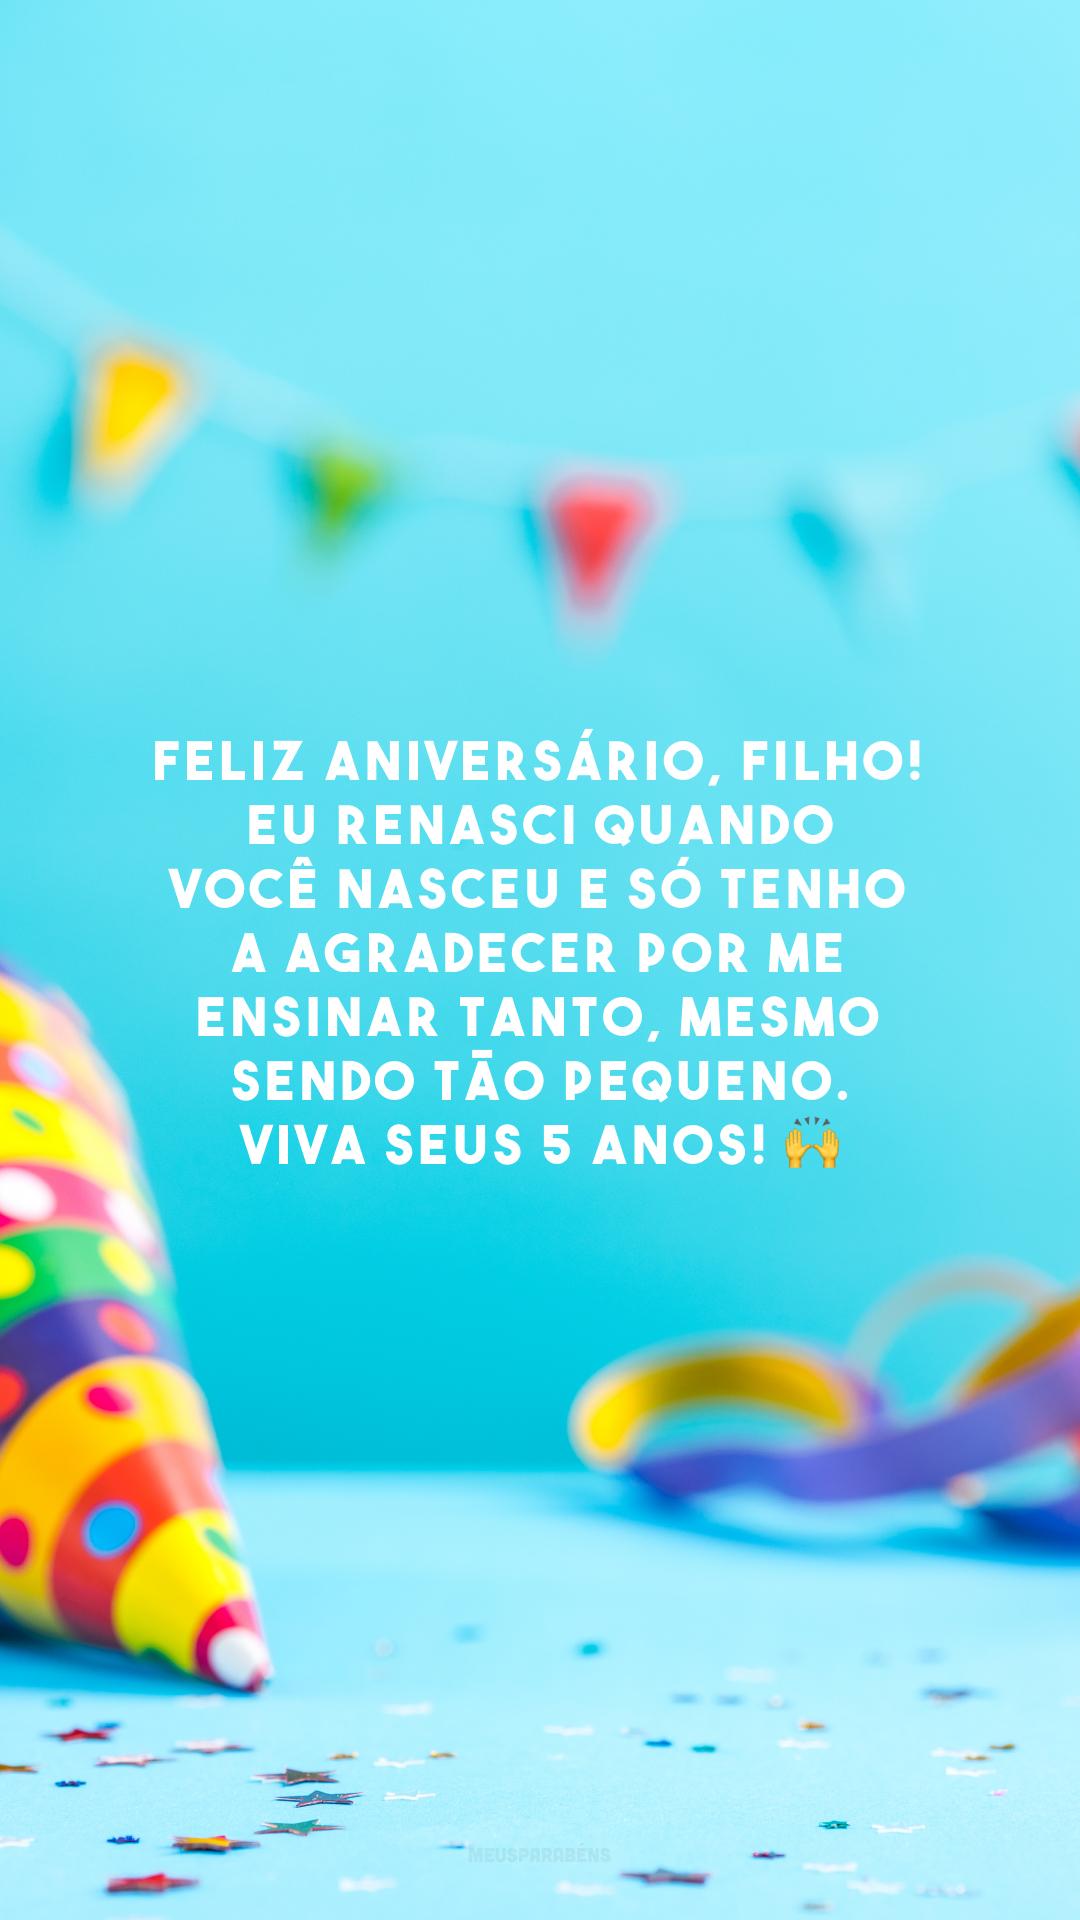 Feliz aniversário, filho! Eu renasci quando você nasceu e só tenho a agradecer por me ensinar tanto, mesmo sendo tão pequeno. Viva seus 5 anos!